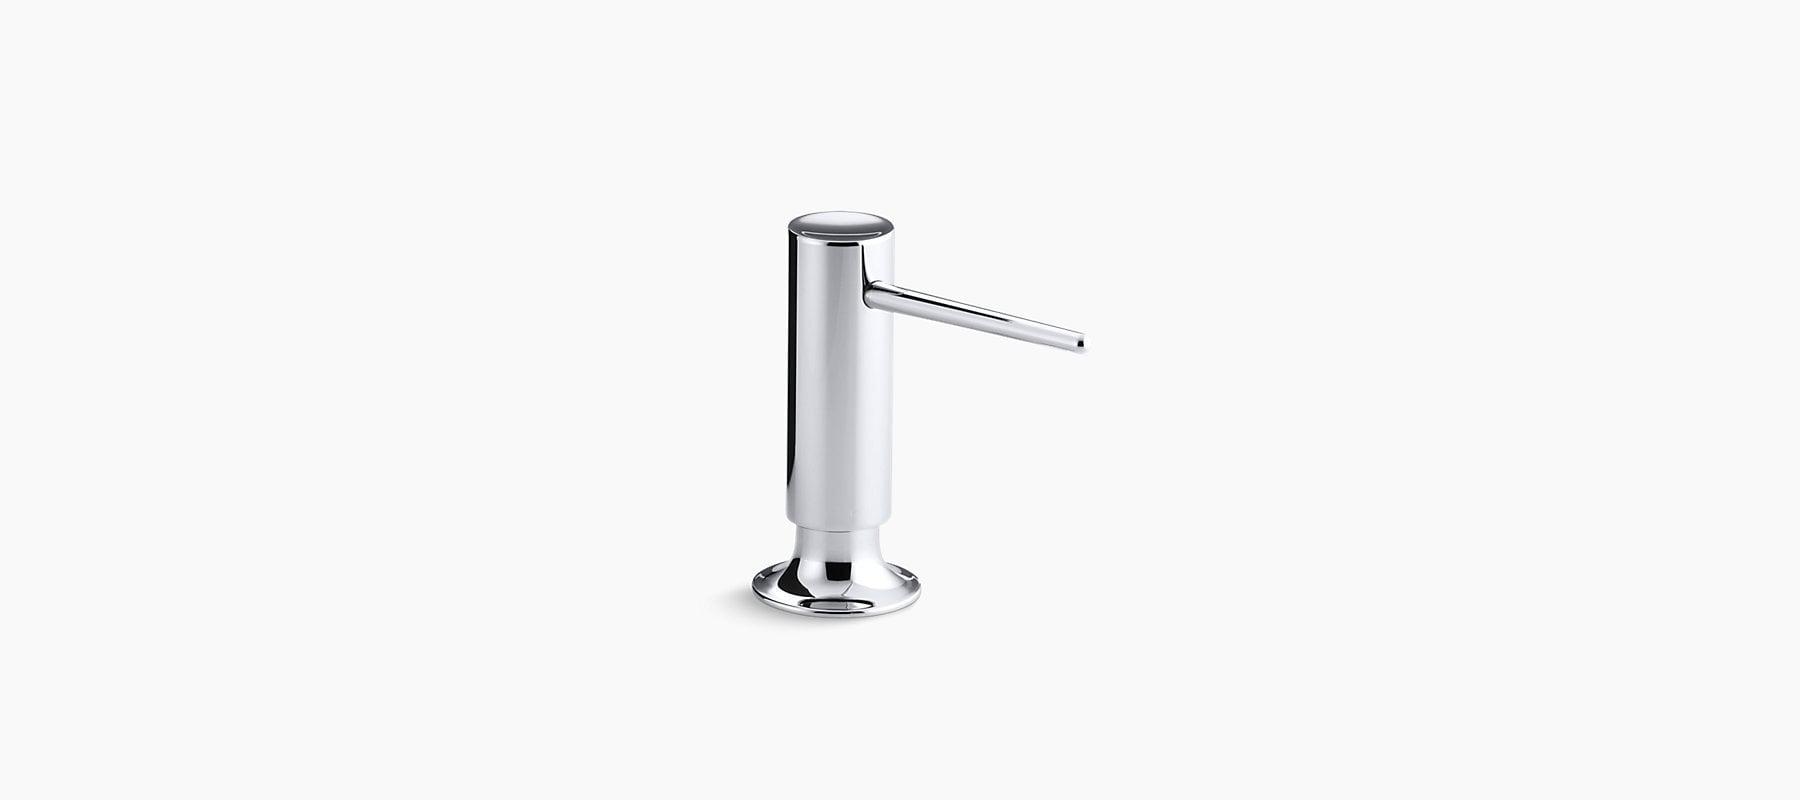 Kohler - Contemporary Design Soap / Lotion Dispenser 151008191